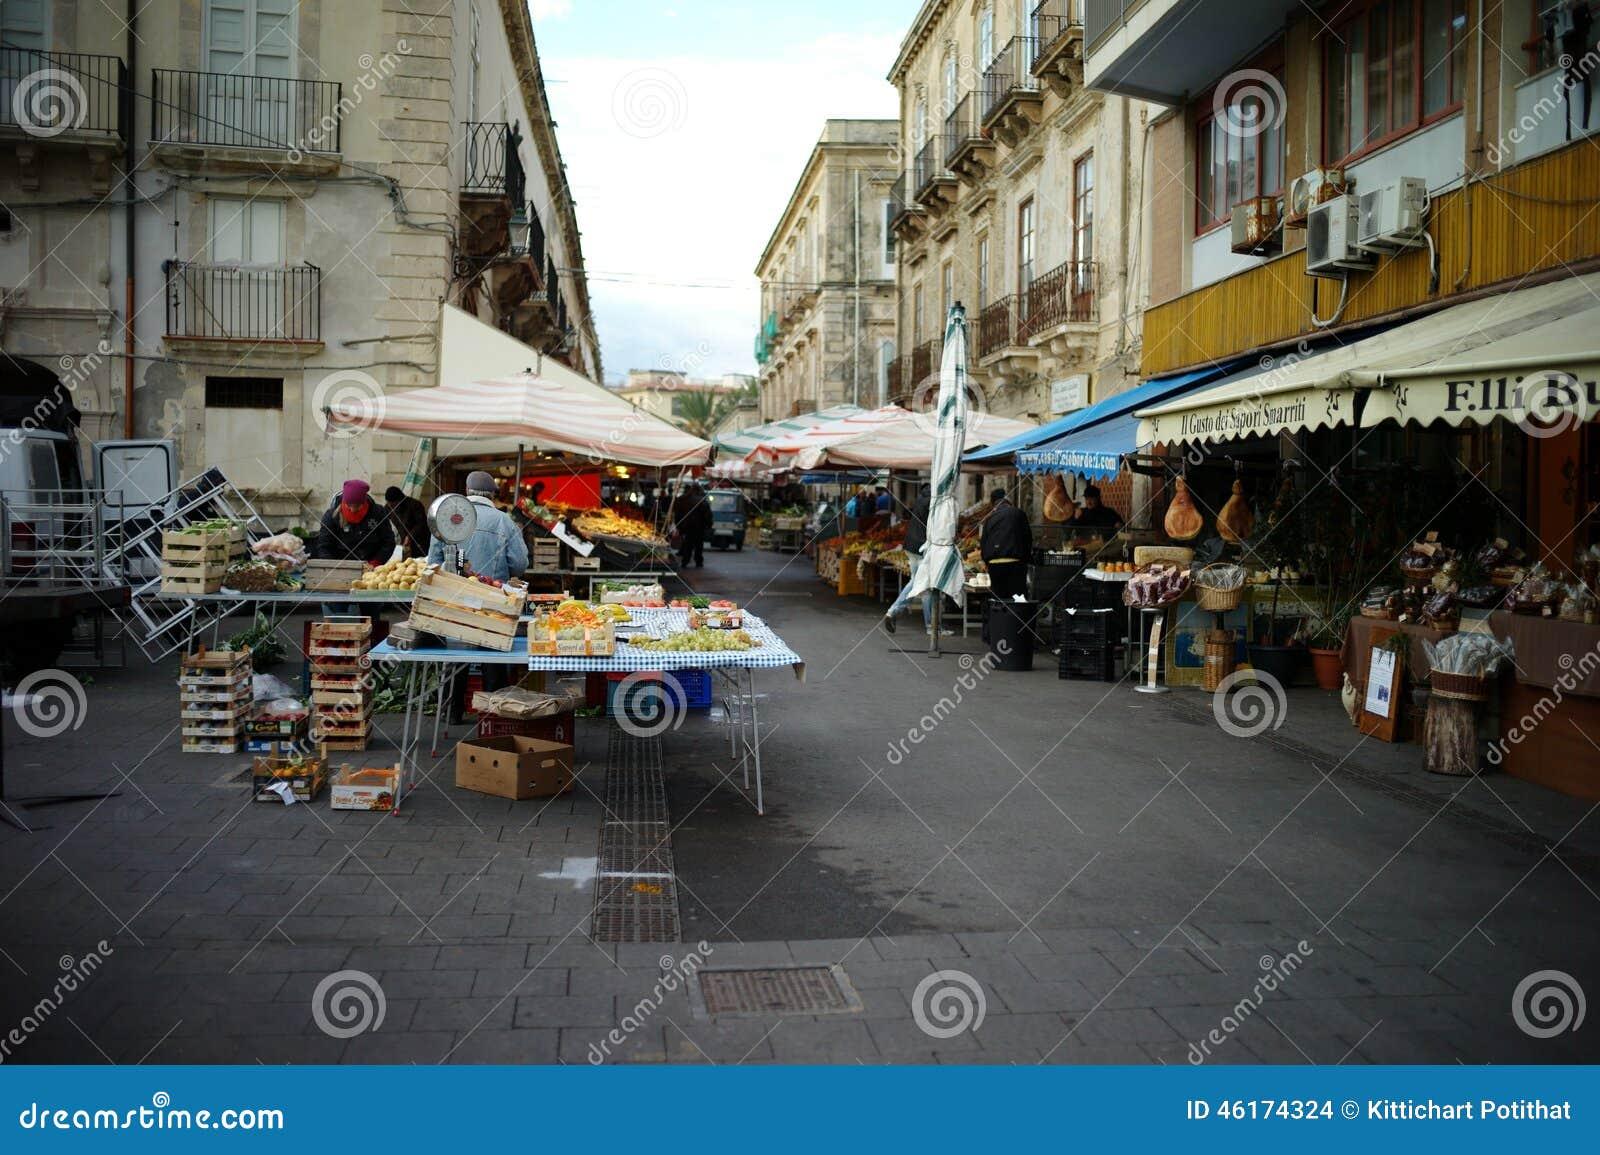 Italienischer markt redaktionelles stockbild bild 46174324 for 3d dreams fort mill sc